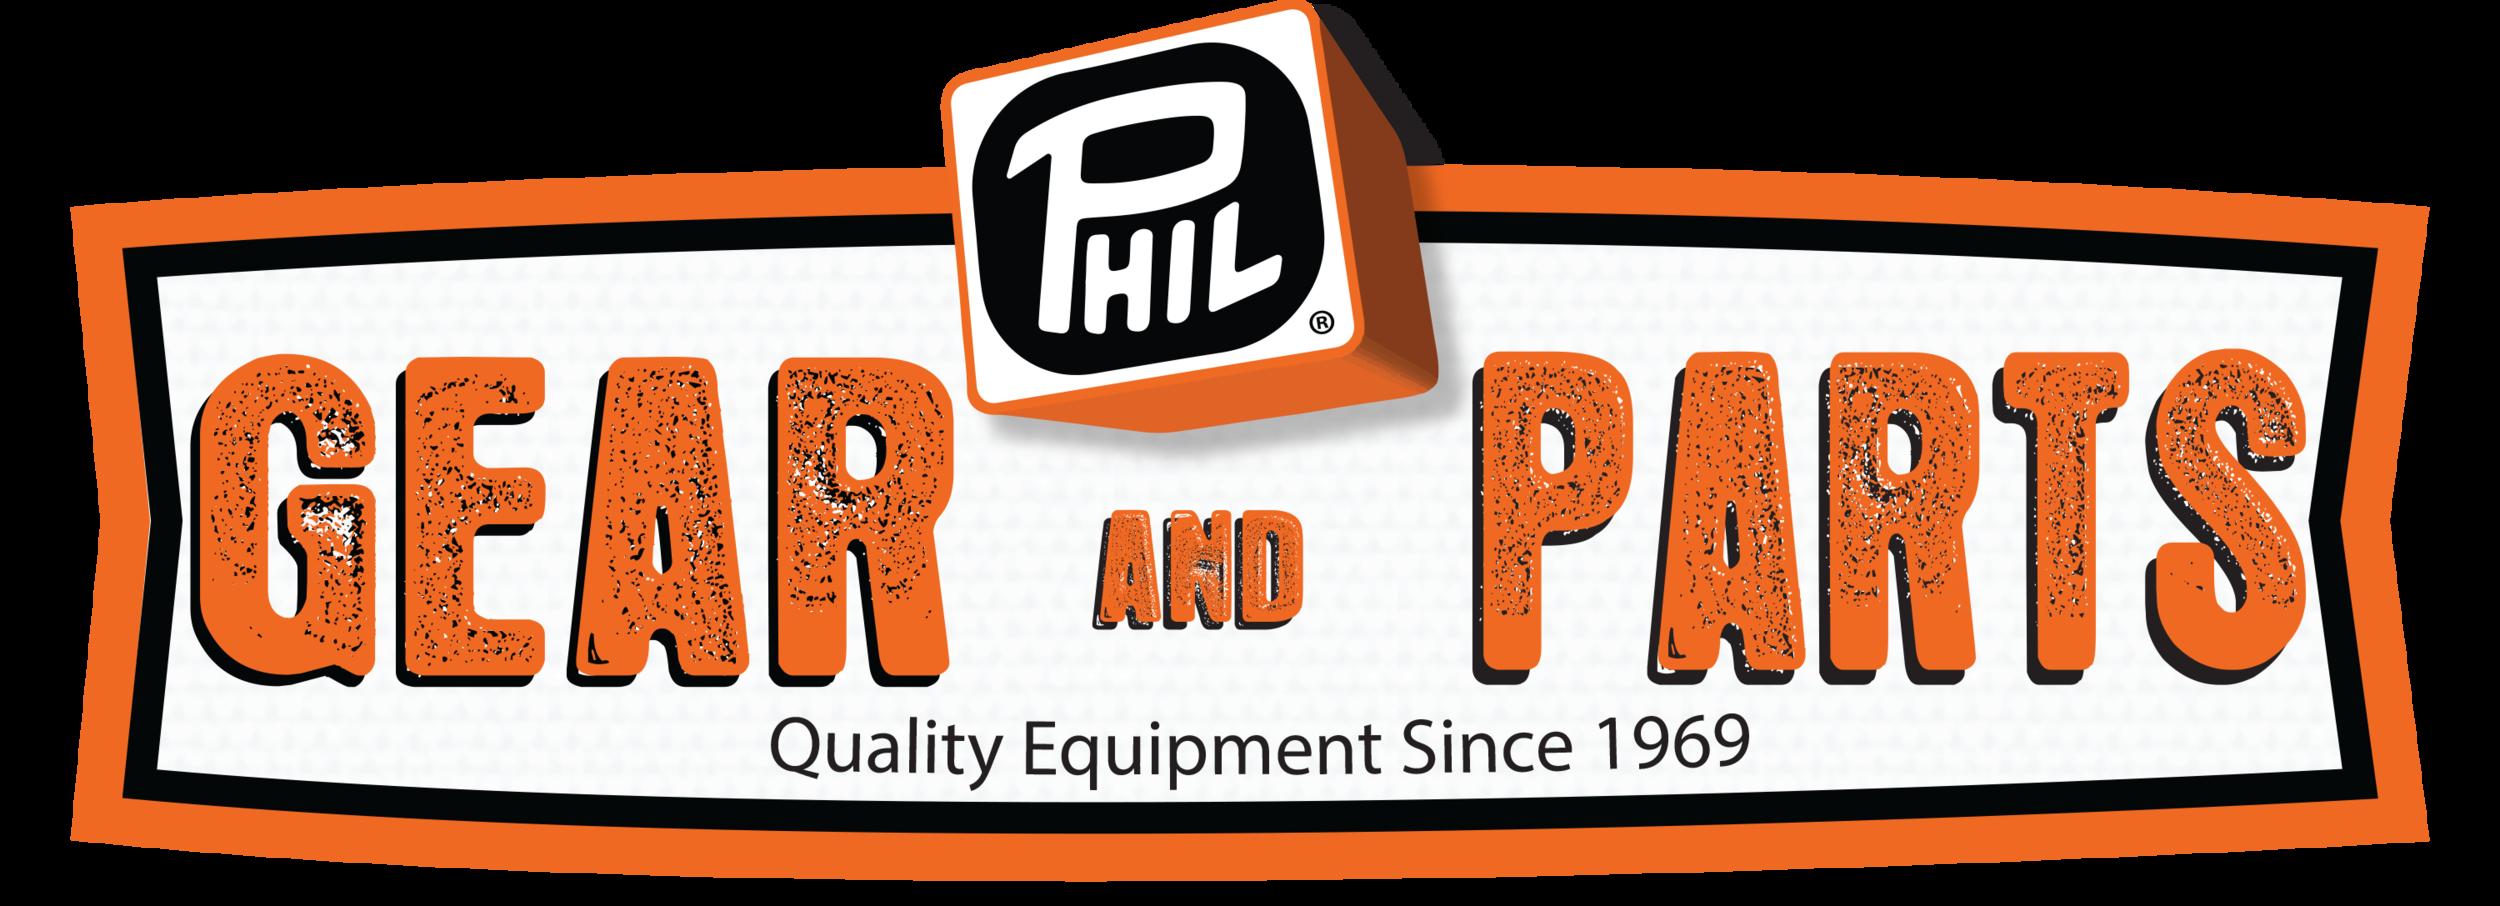 PHIL Gear & Parts logo